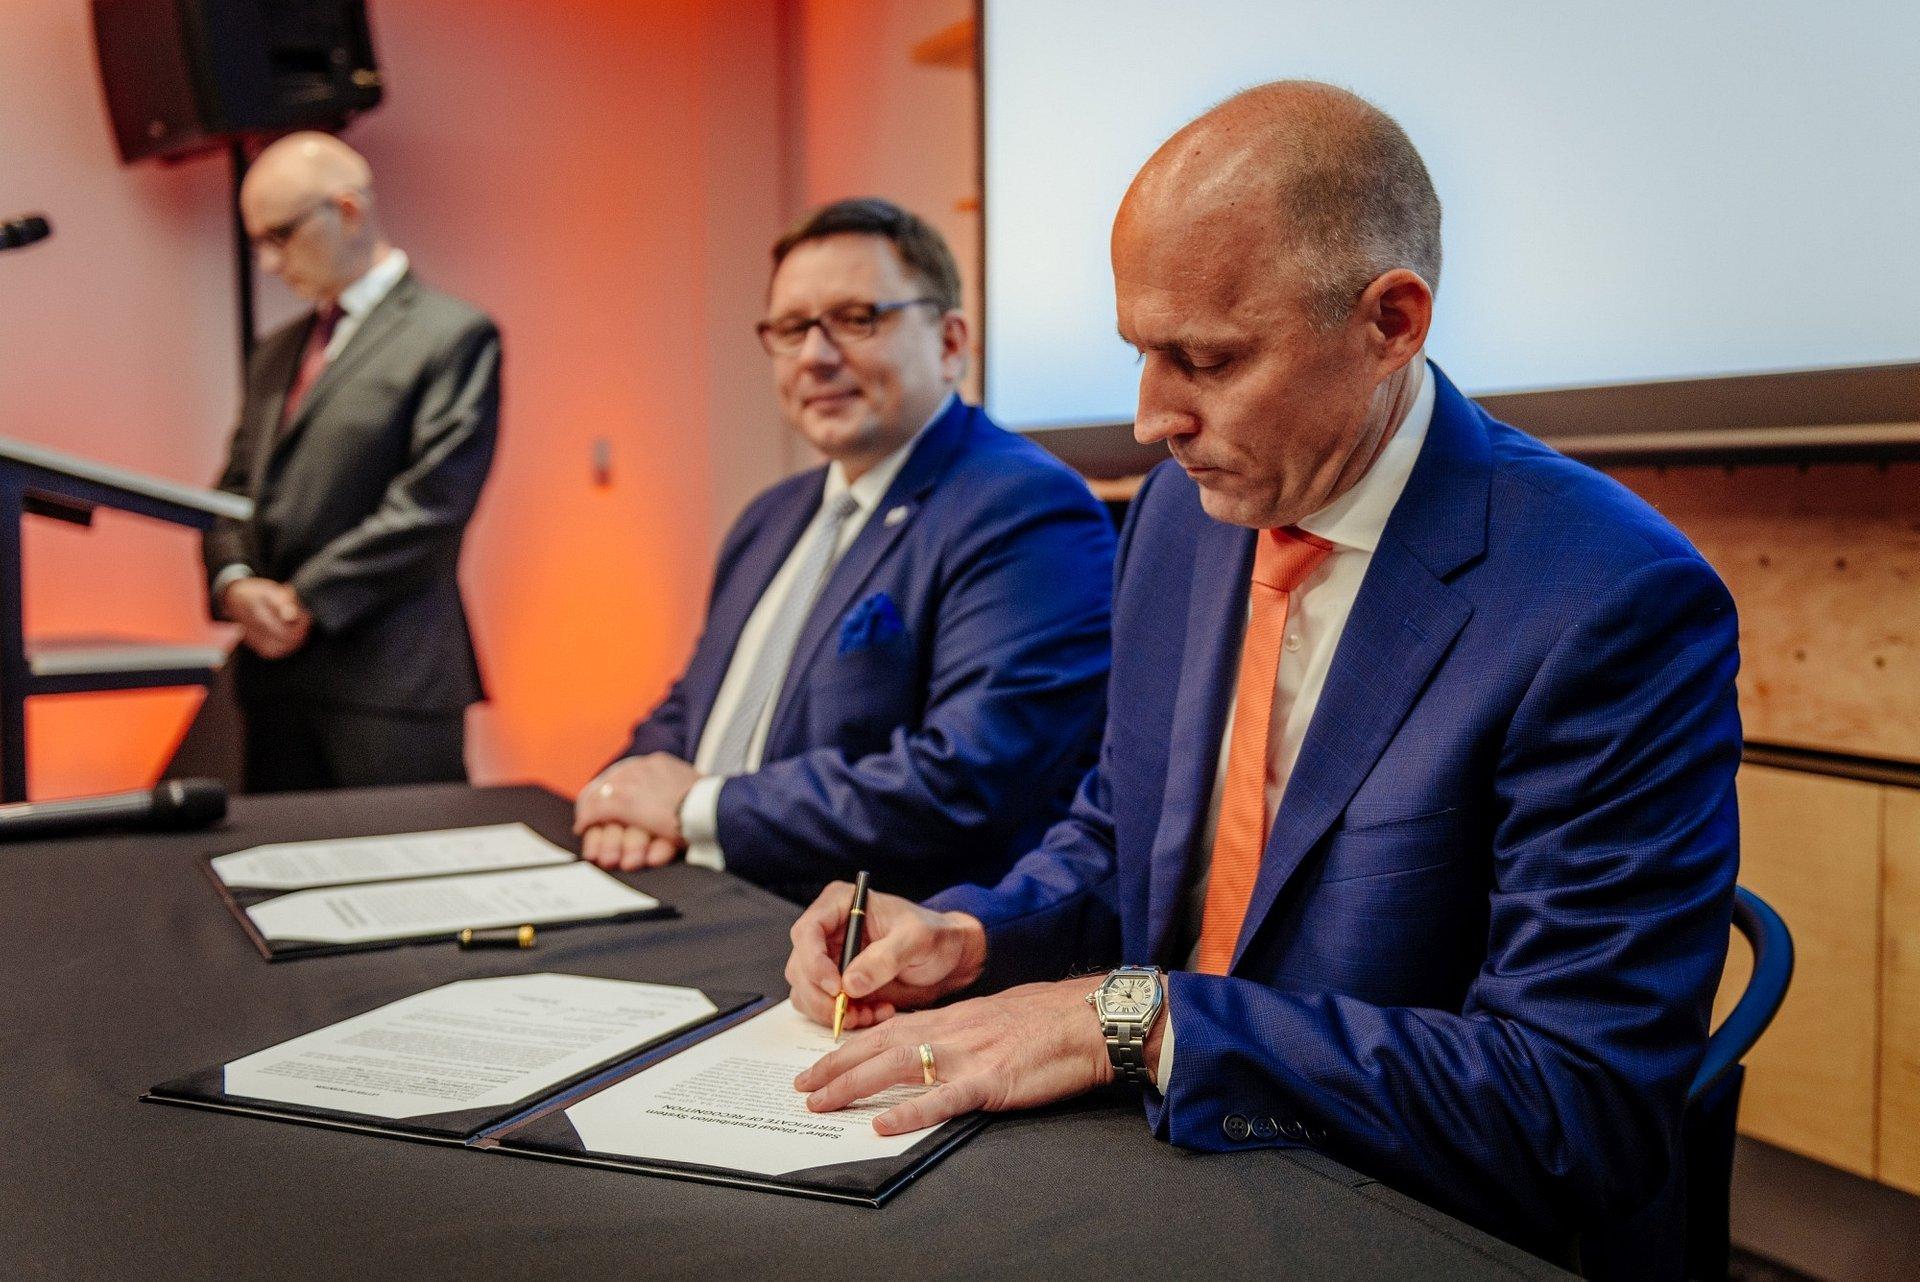 Nowoczesne technologie Sabre dla LOT-u. Firmy podpisały porozumienie